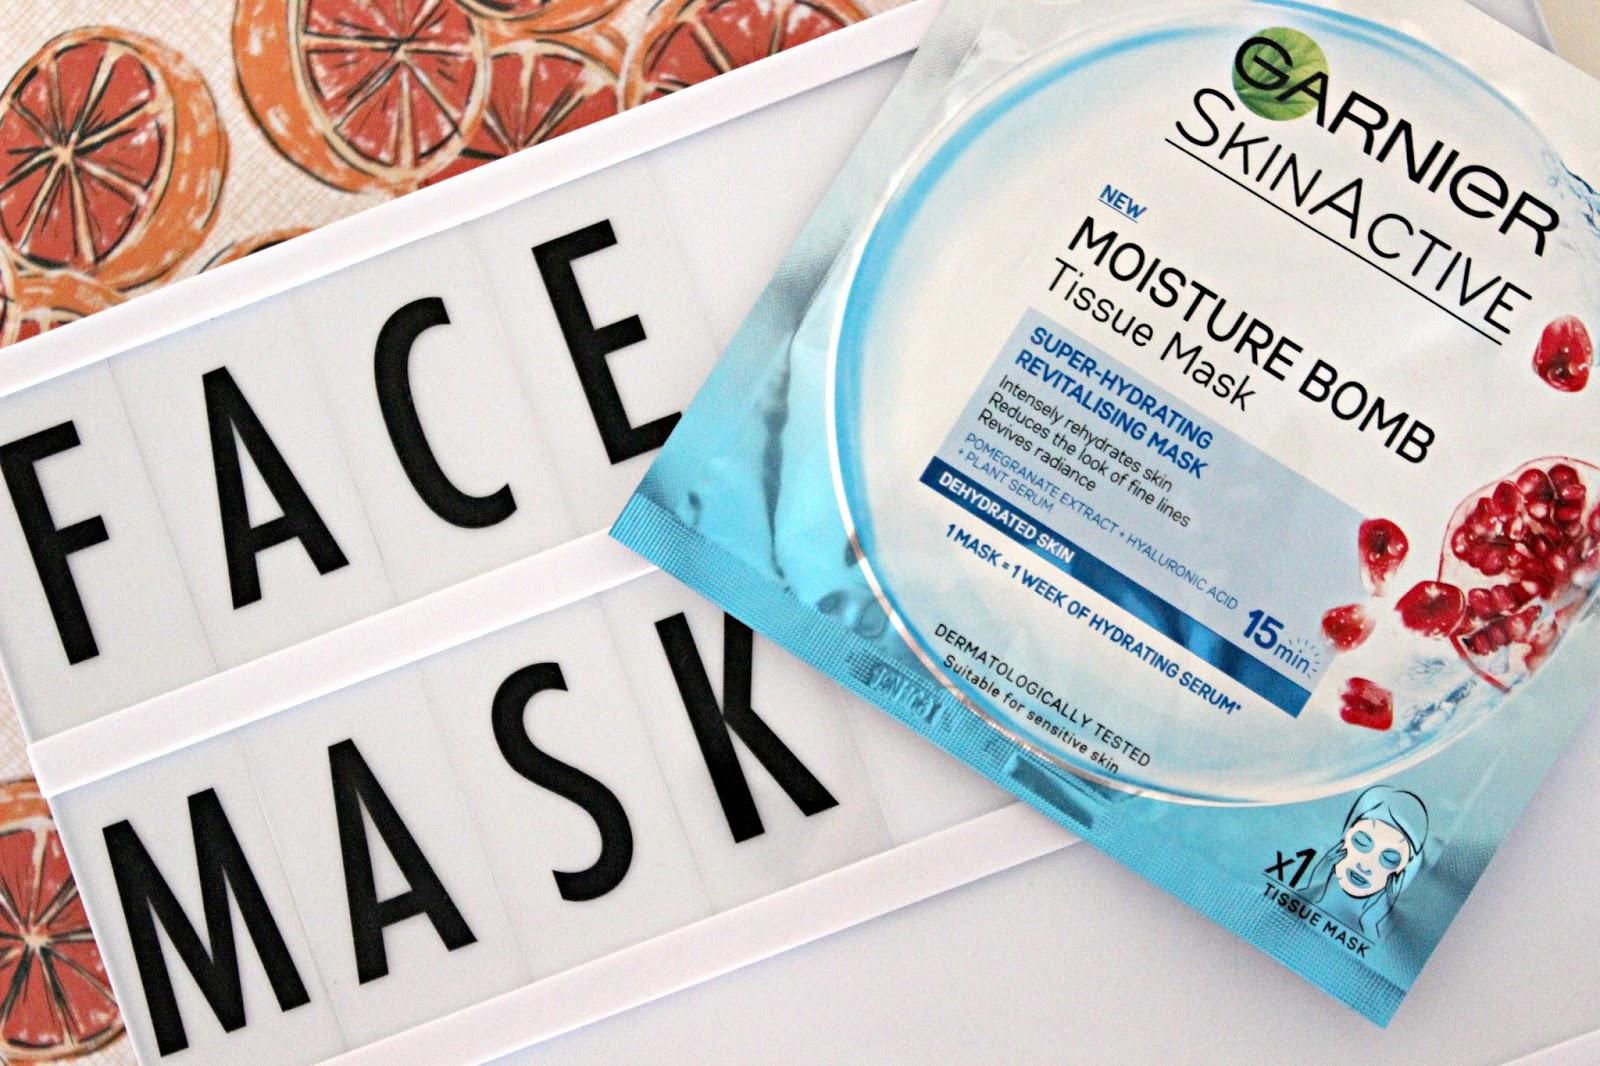 Ngoài những loại mặt nạ giúp xóa nếp nhăn, bạn cũng nên tự thưởng cho bản thân những chiếc mặt nạ cấp ẩm tuyệt vời như thế này đây!